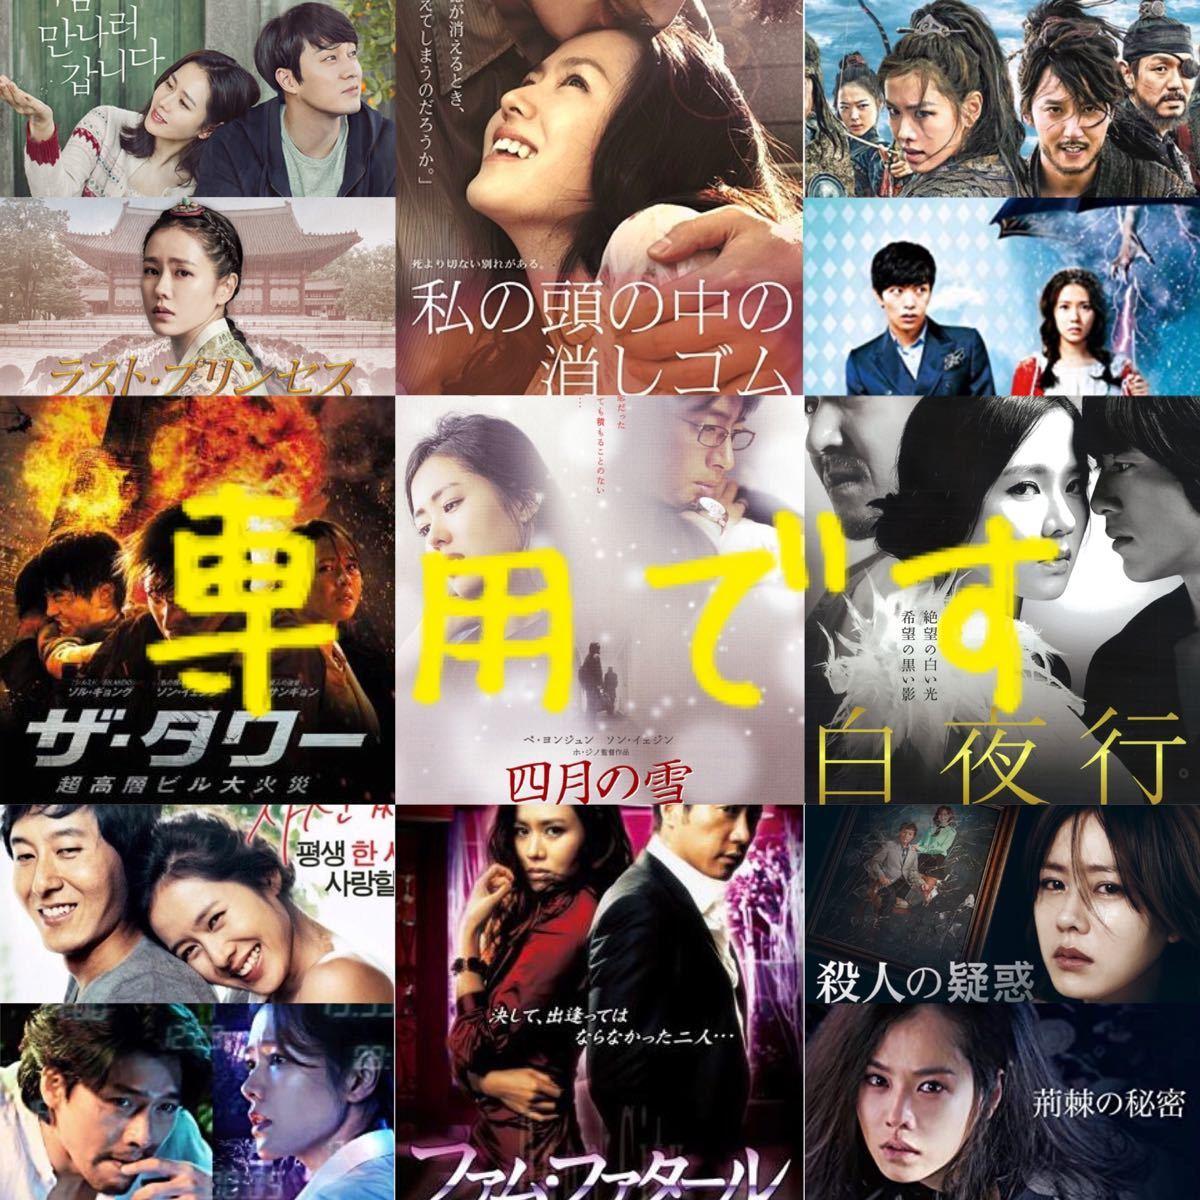 専用です。韓国映画  ソン・イェジン  出演映画  DVD  13点セット レーベル有り